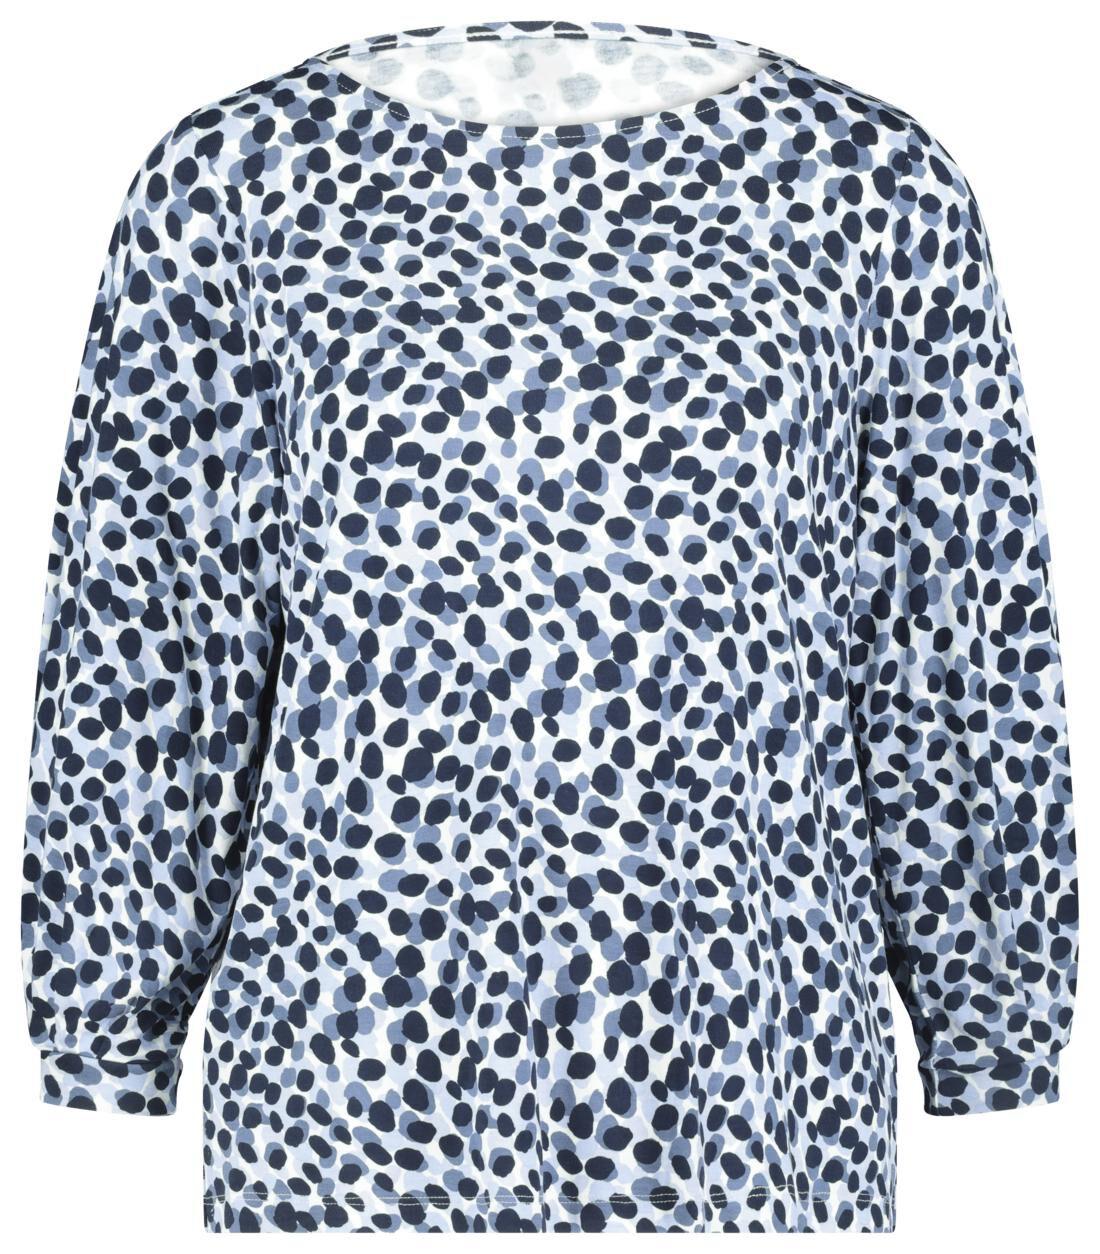 HEMA Dames T-shirt Stippen Lichtblauw (lichtblauw)